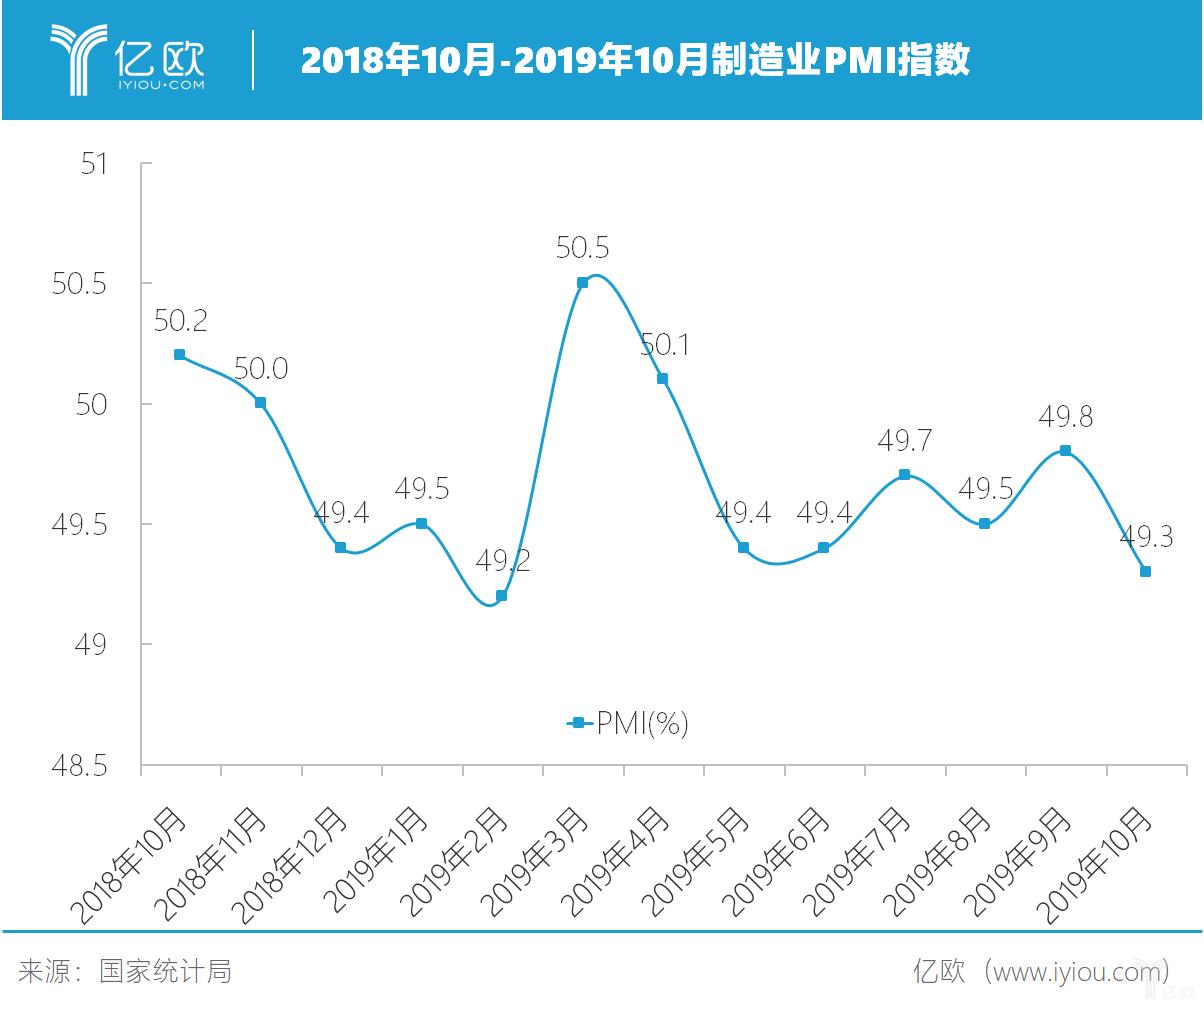 2018年10月-2019年10月制造业PMI指数